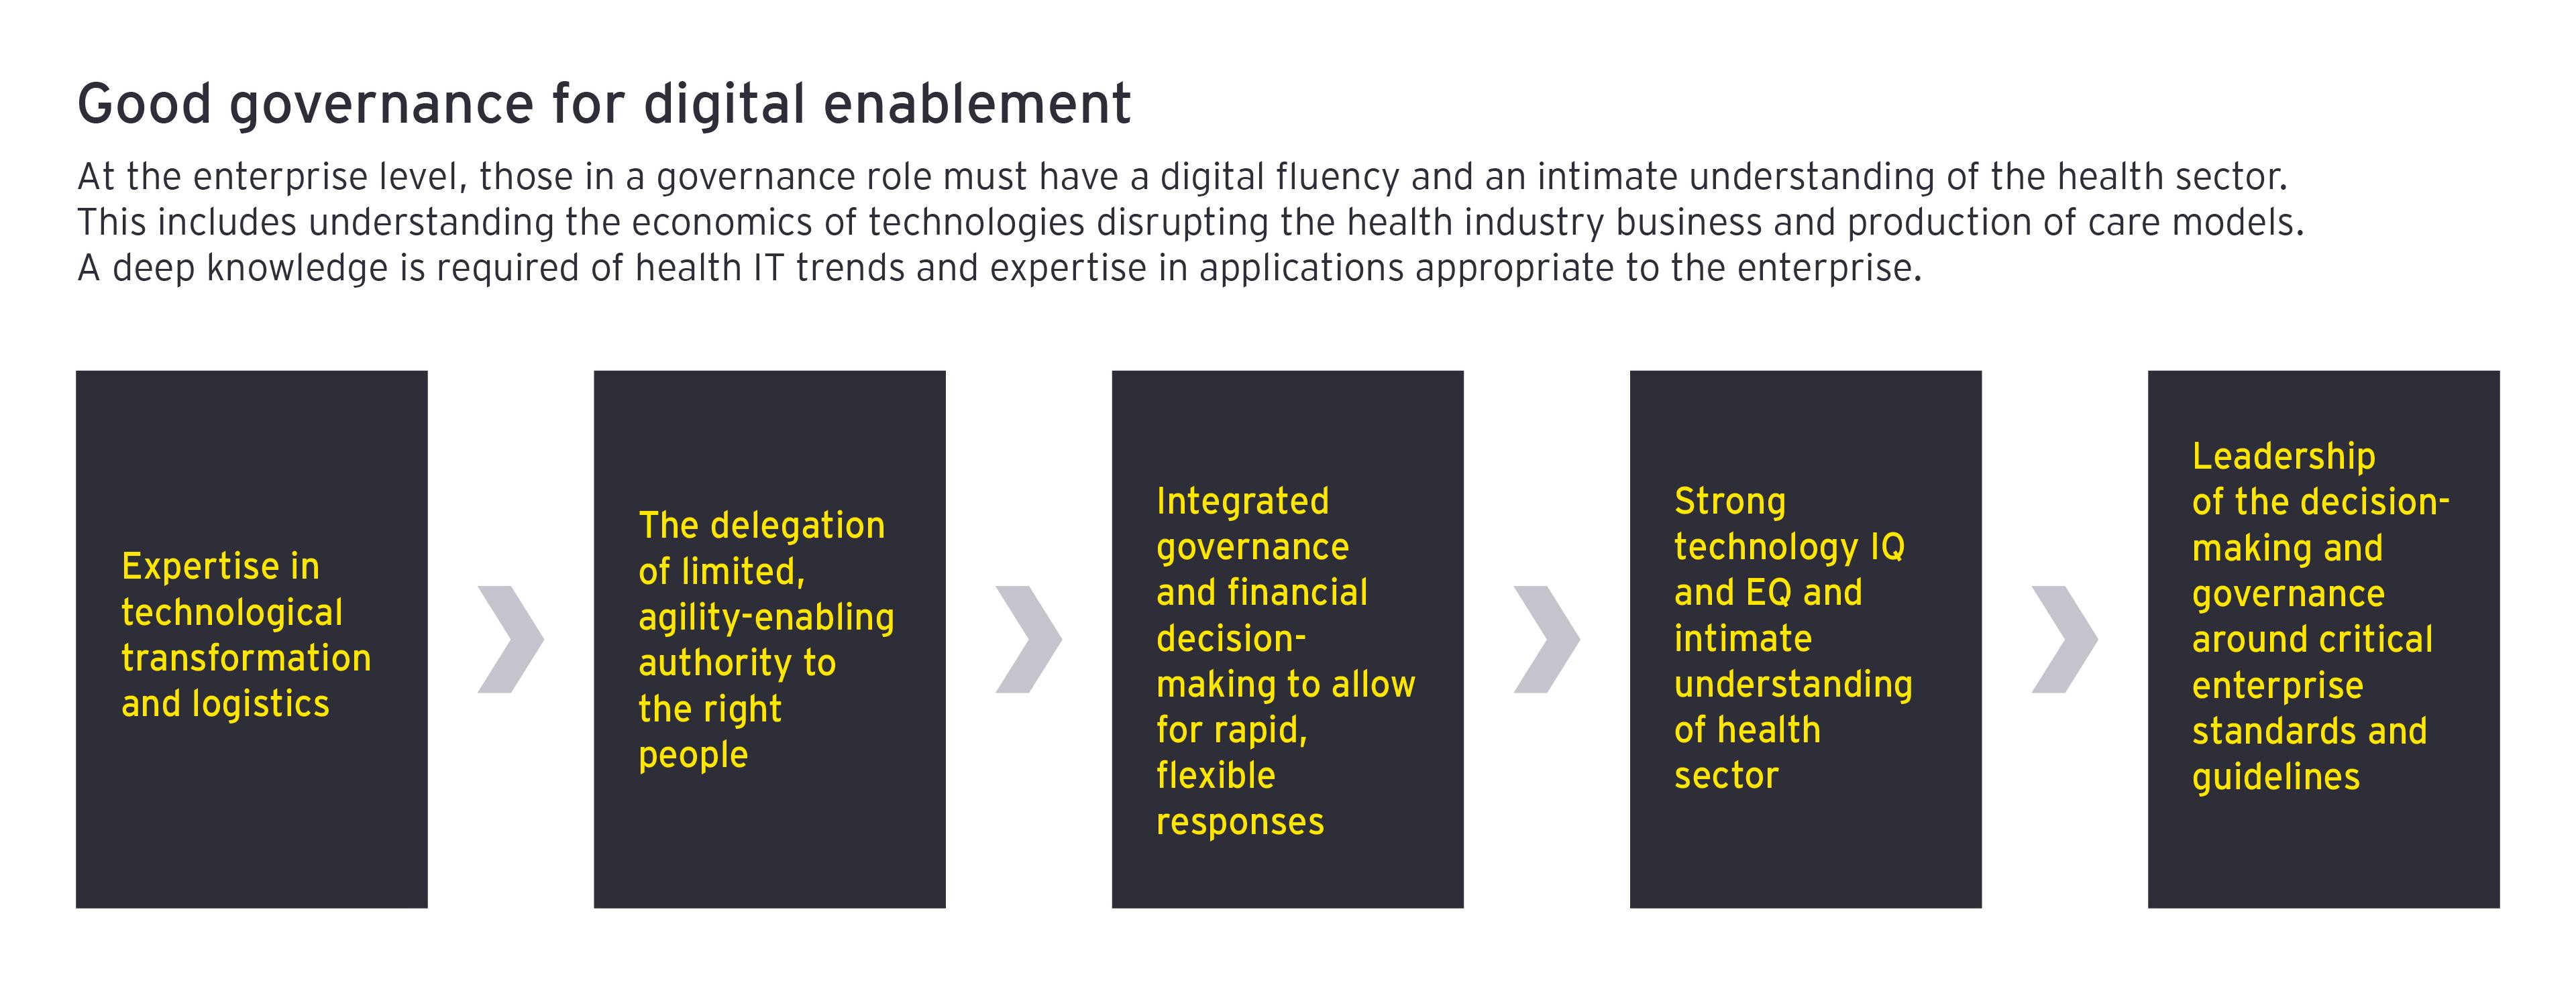 Good governance for digital enablement